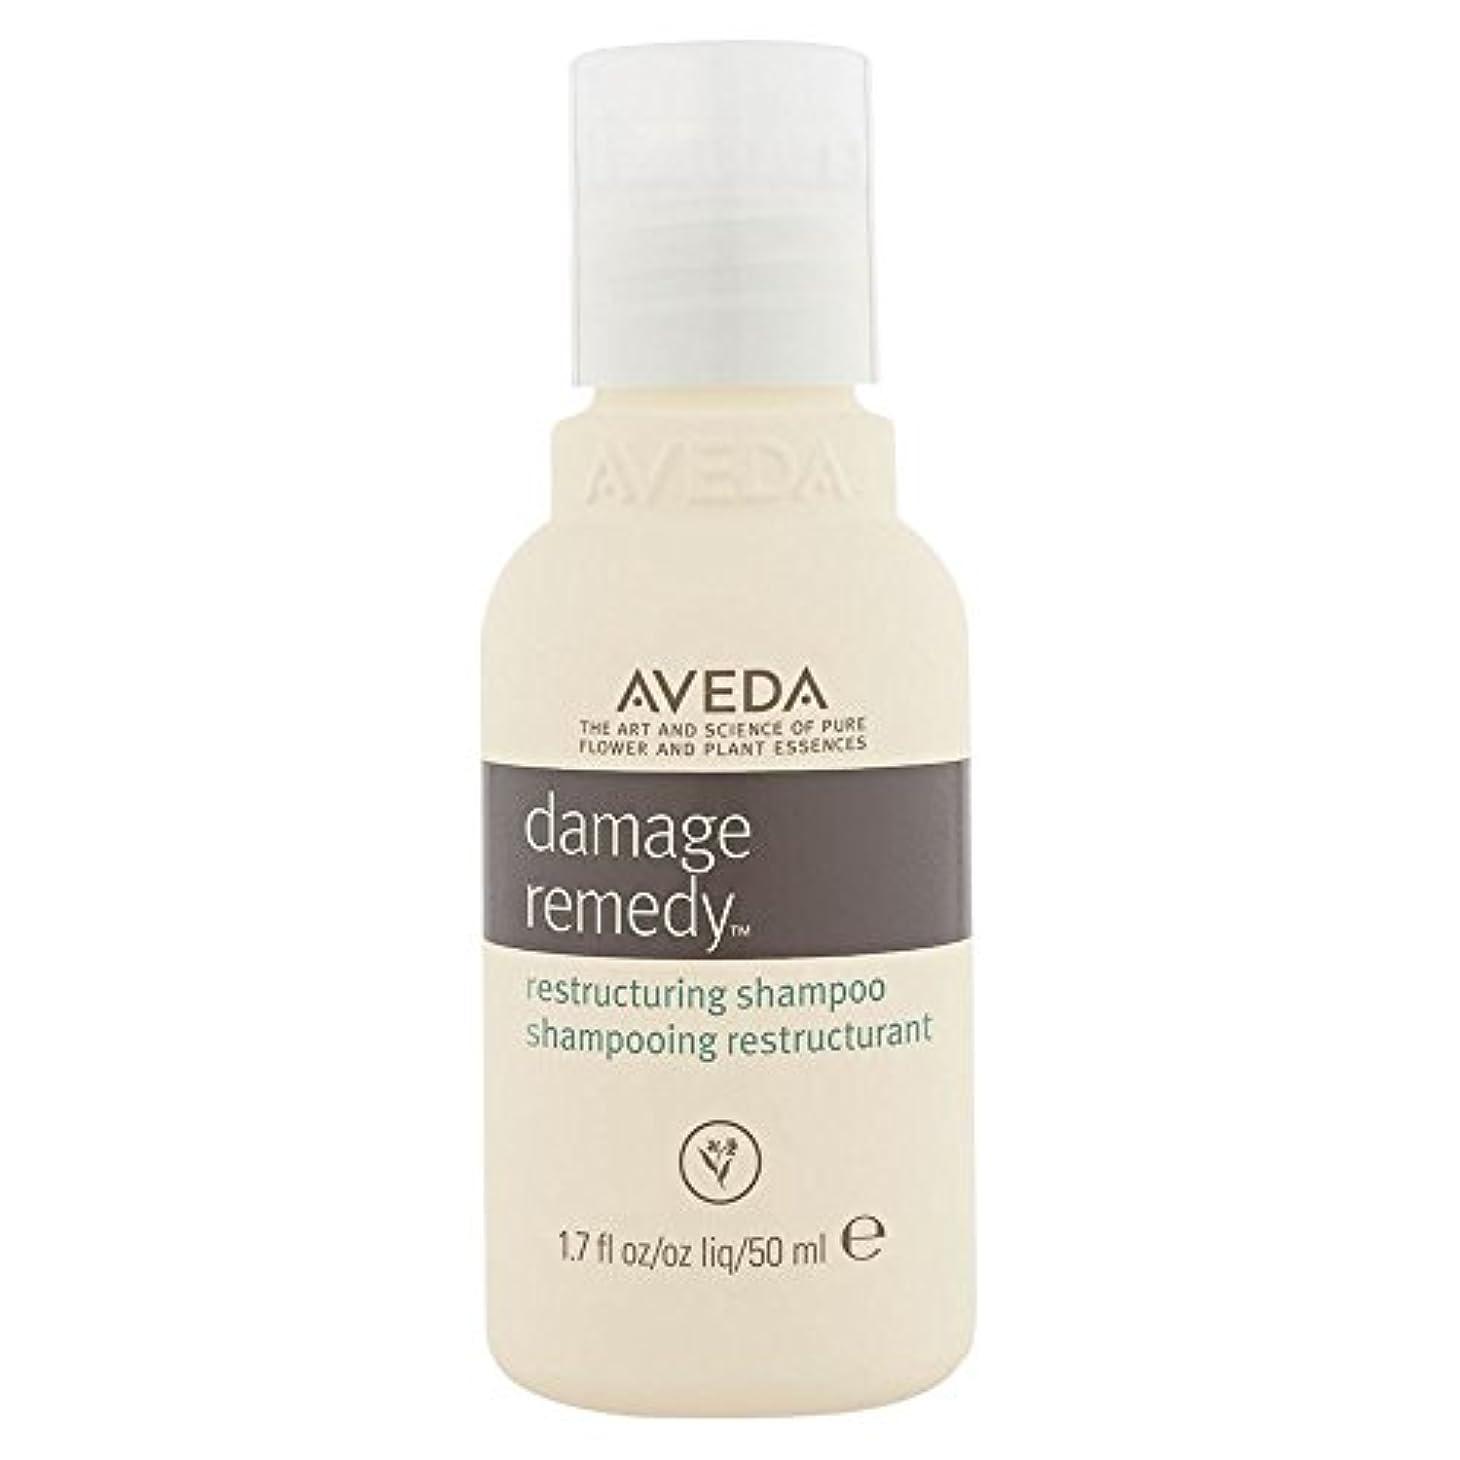 香水枯渇困惑[AVEDA] アヴェダダメージ救済再編シャンプー - Aveda Damage Remedy Restructuring Shampoo [並行輸入品]